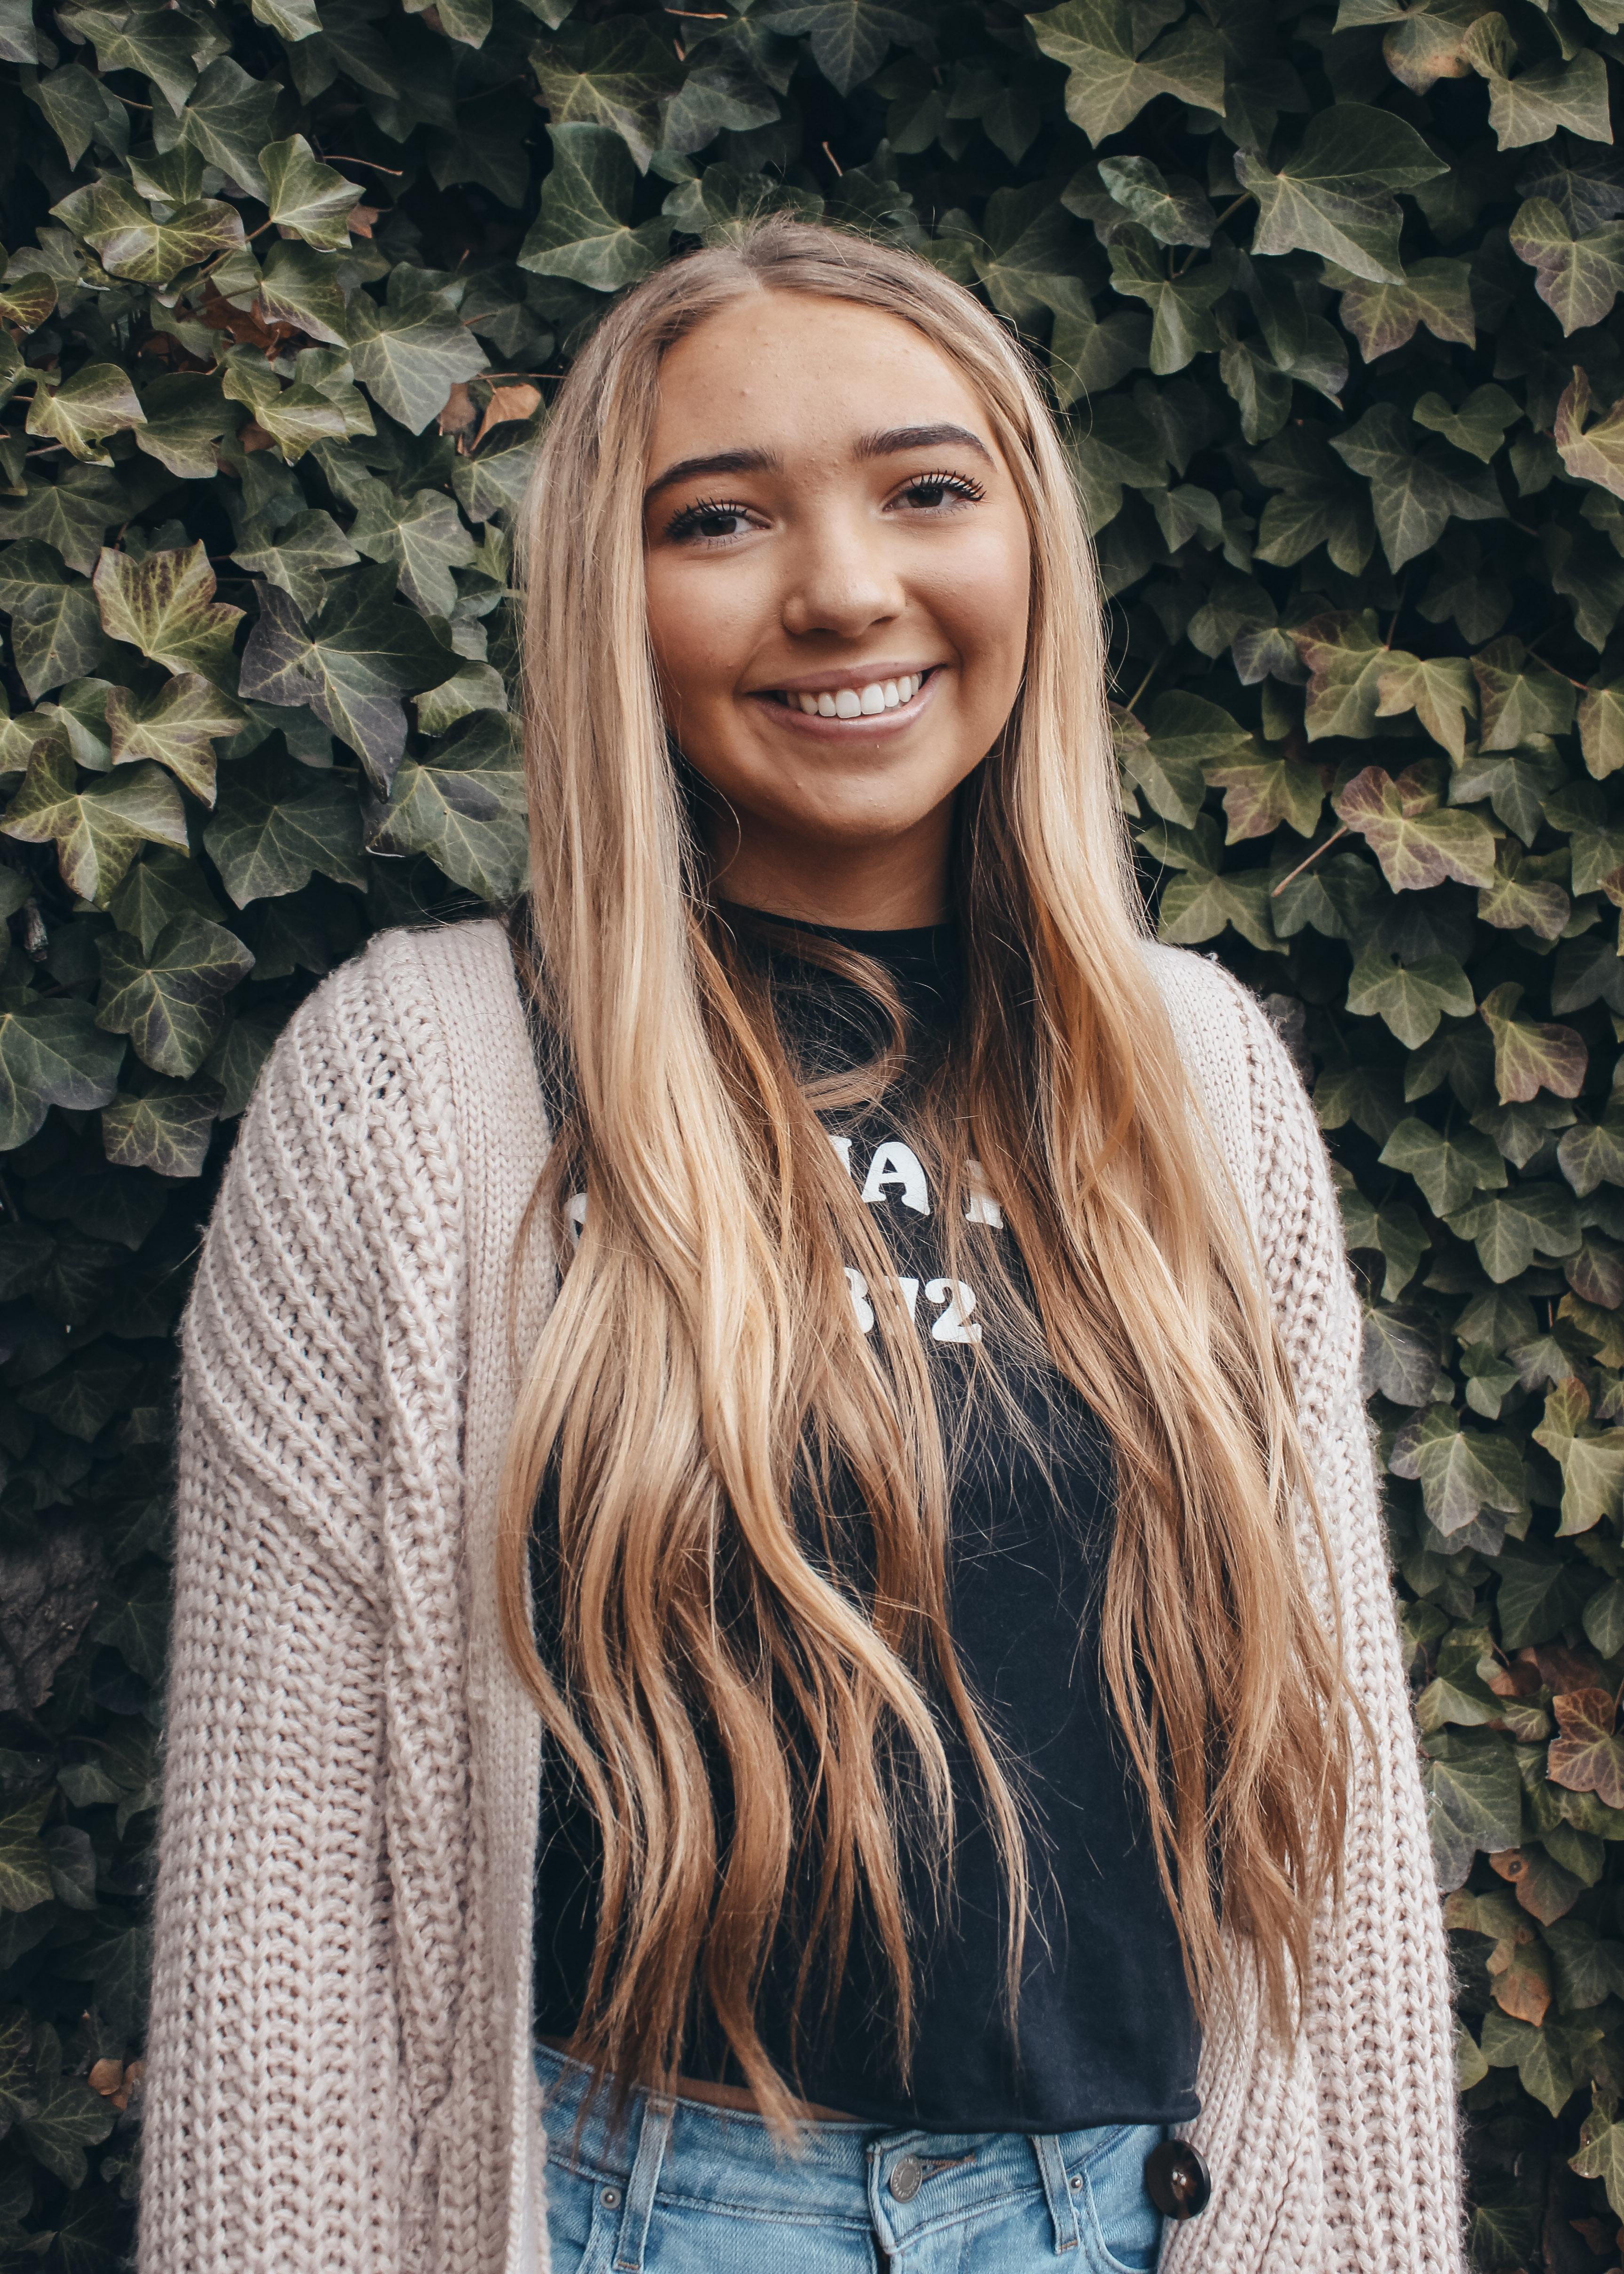 Katie Kinson